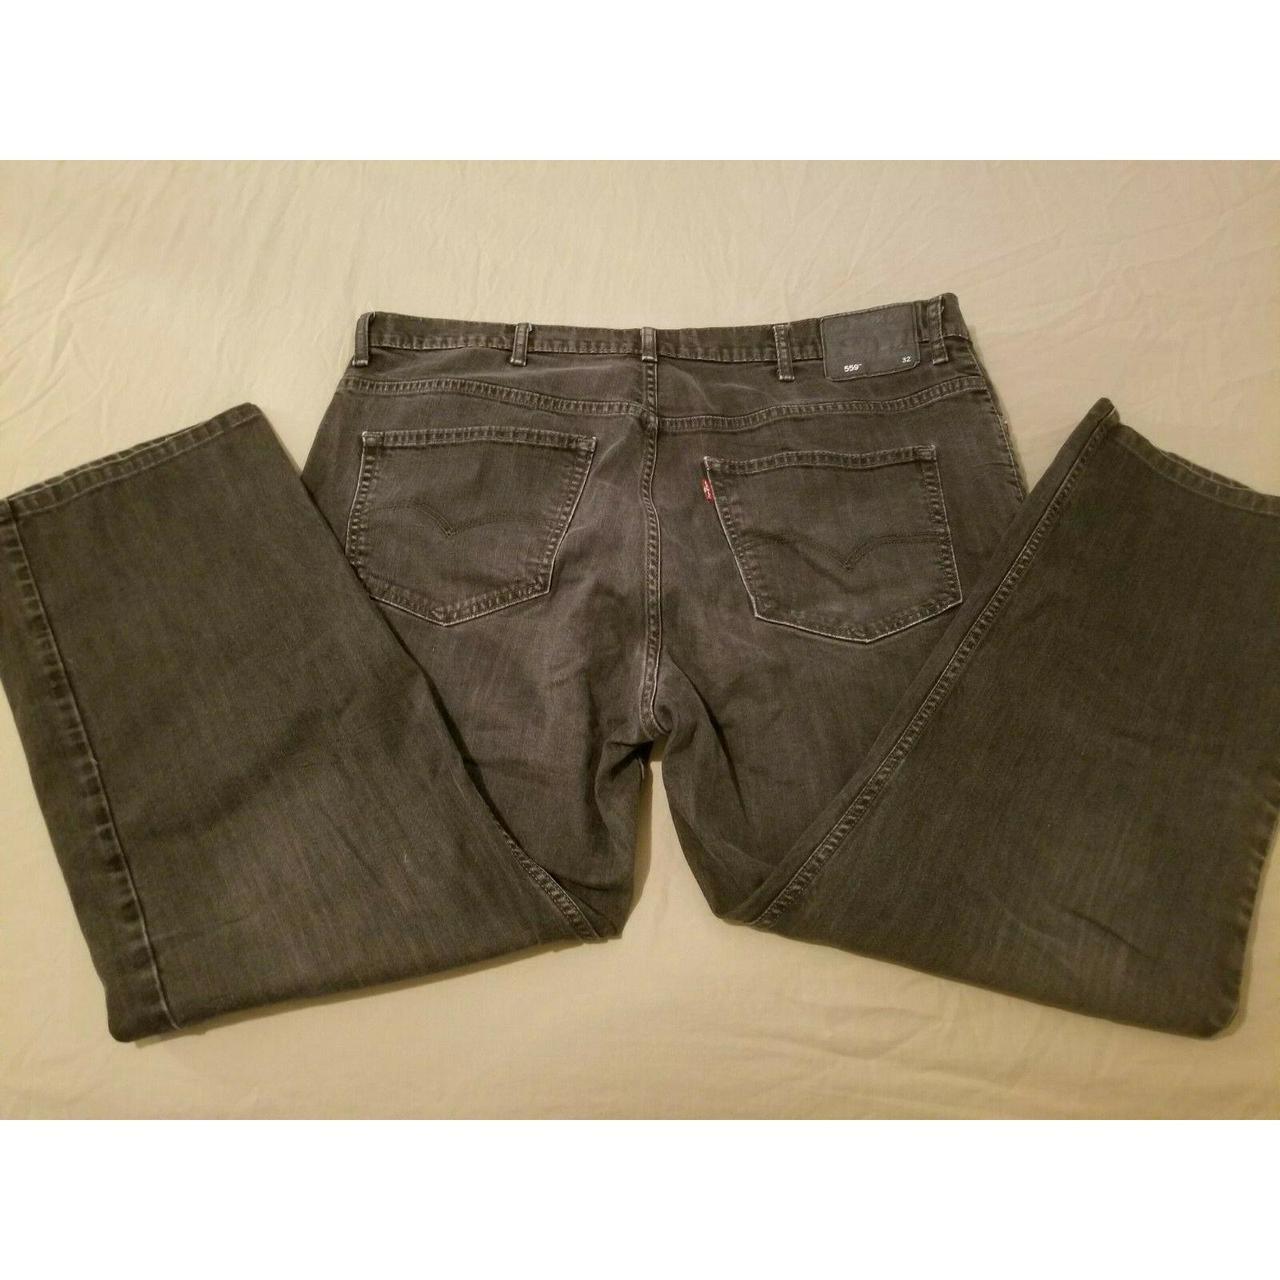 Product Image 1 - Mens Levis 559 Jeans 44x32